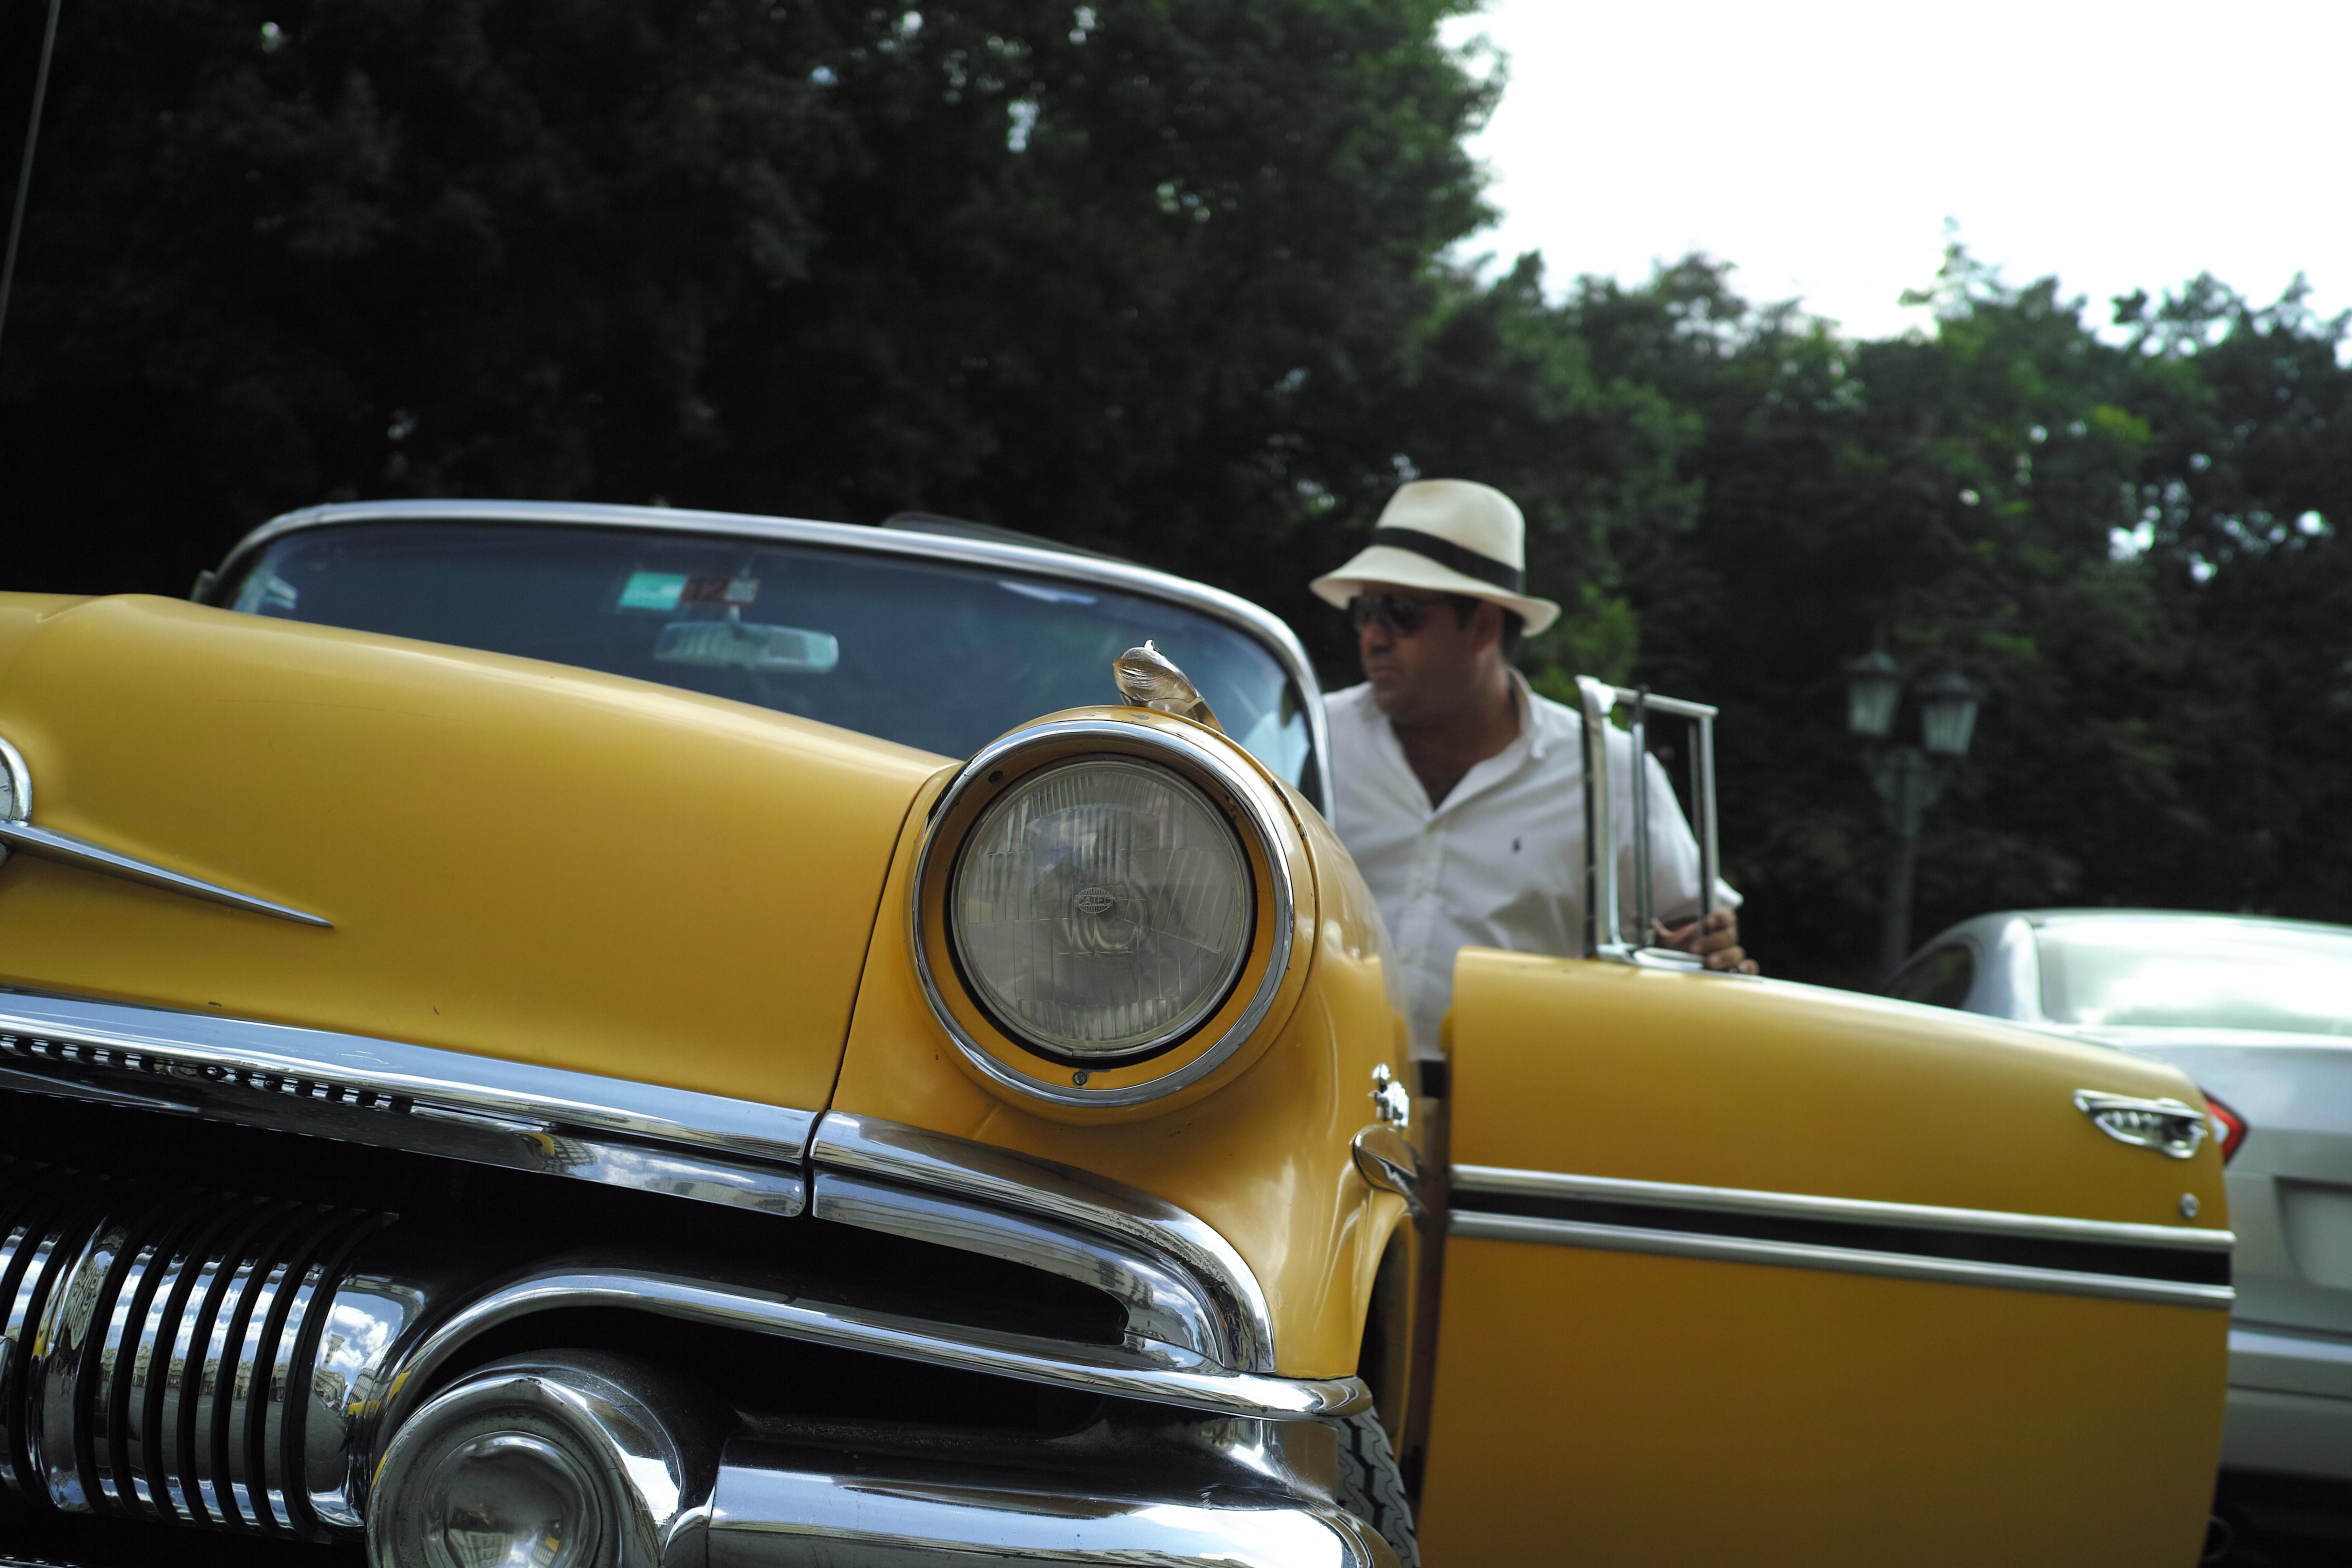 【キューバ・ハバナ】②旧車とモロ要塞偏